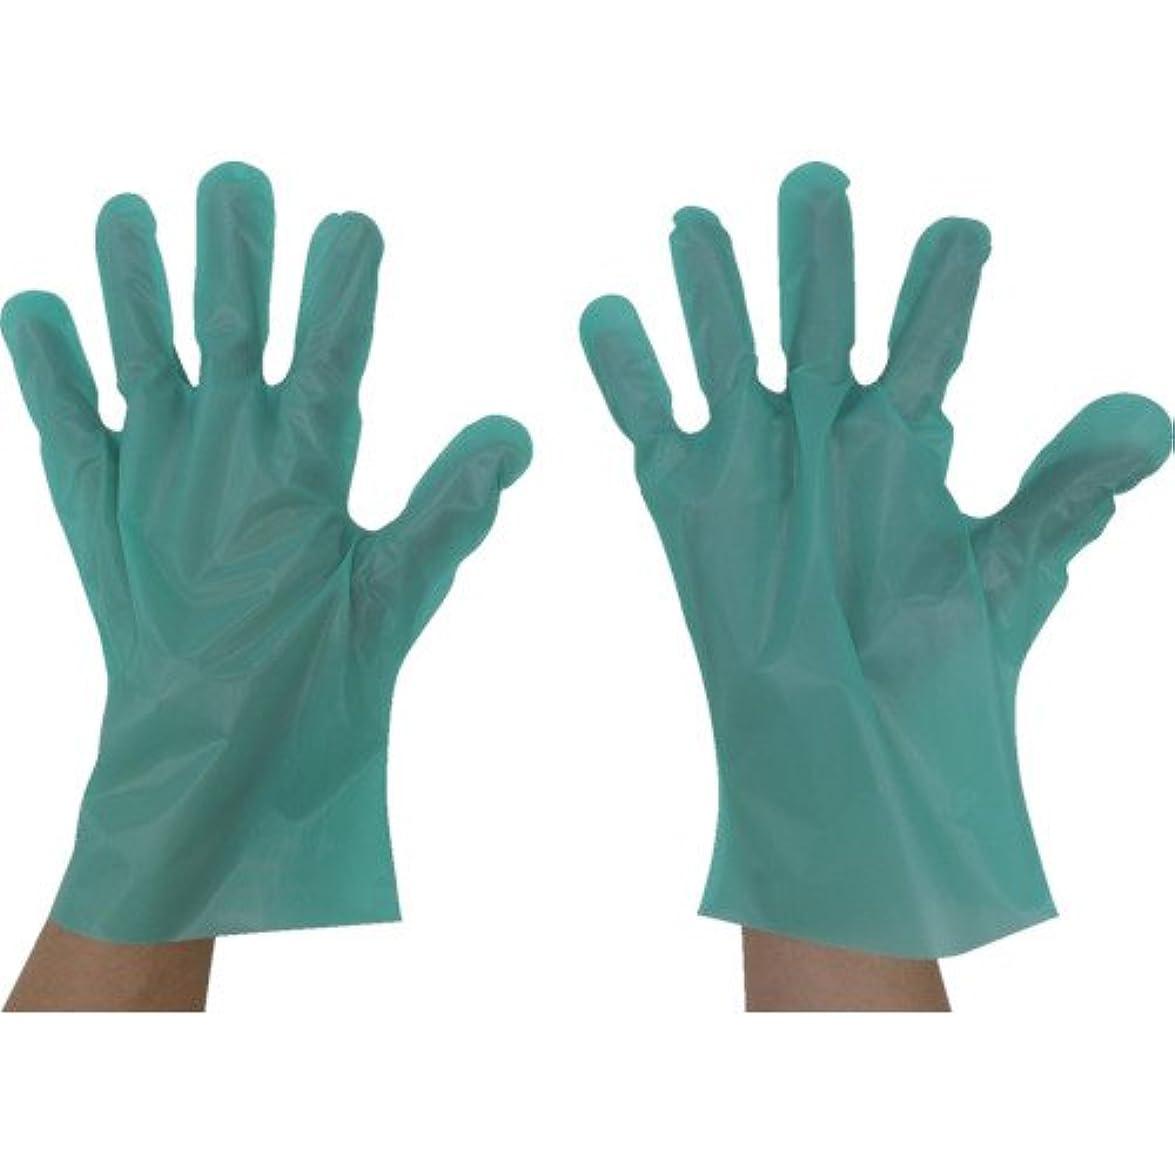 やけど後世地球東京パック エンボス手袋五本絞りエコノミー化粧箱M グリーン GEK-M